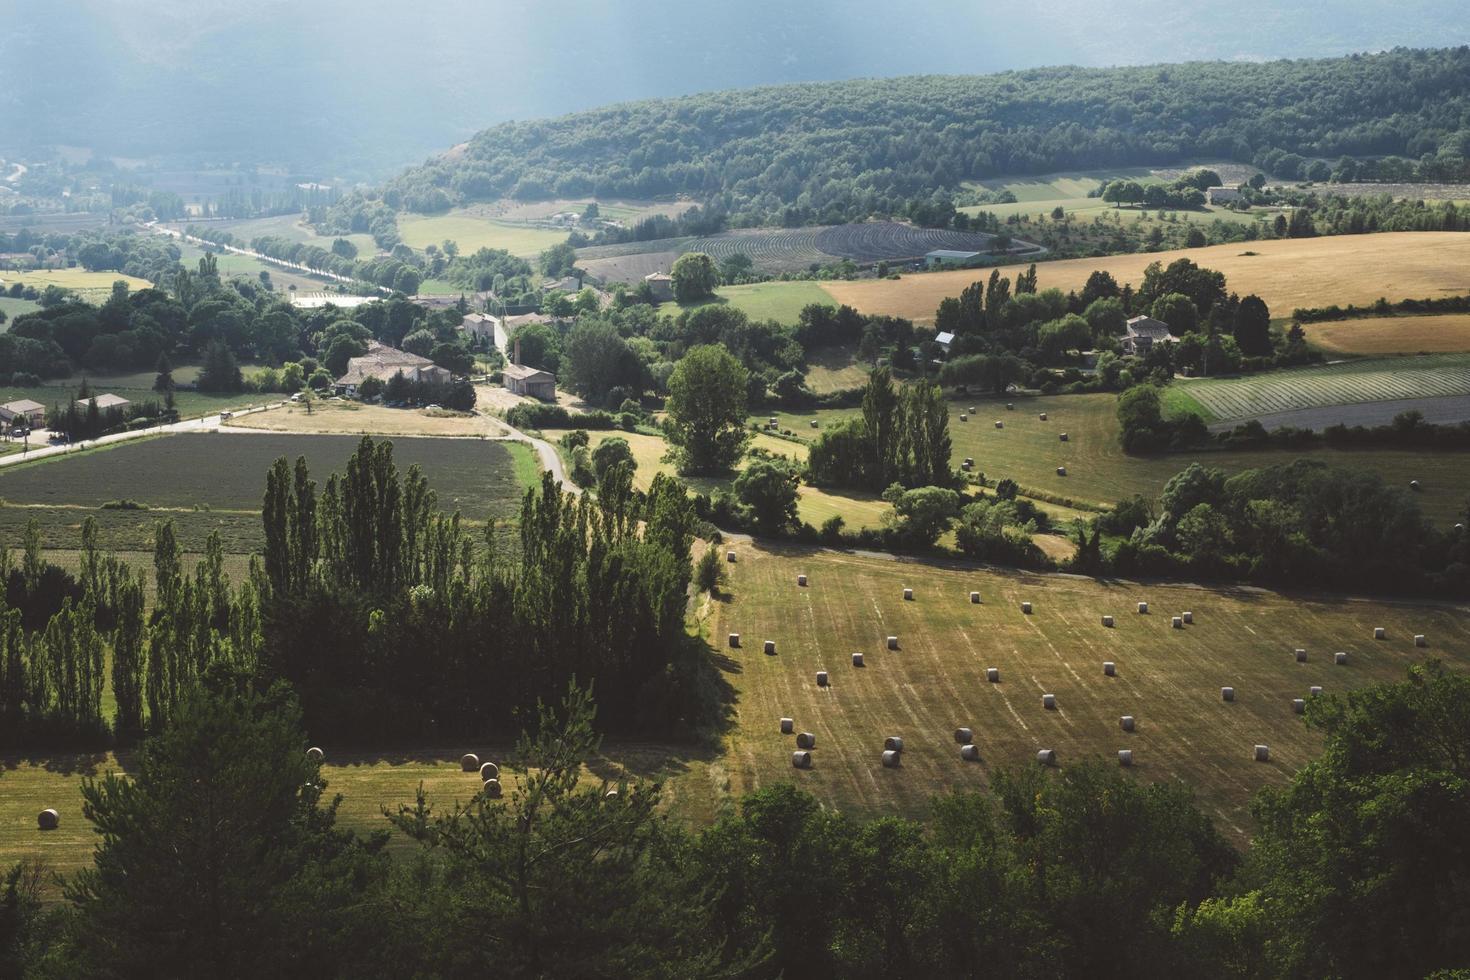 vue aérienne des arbres et de la ferme photo